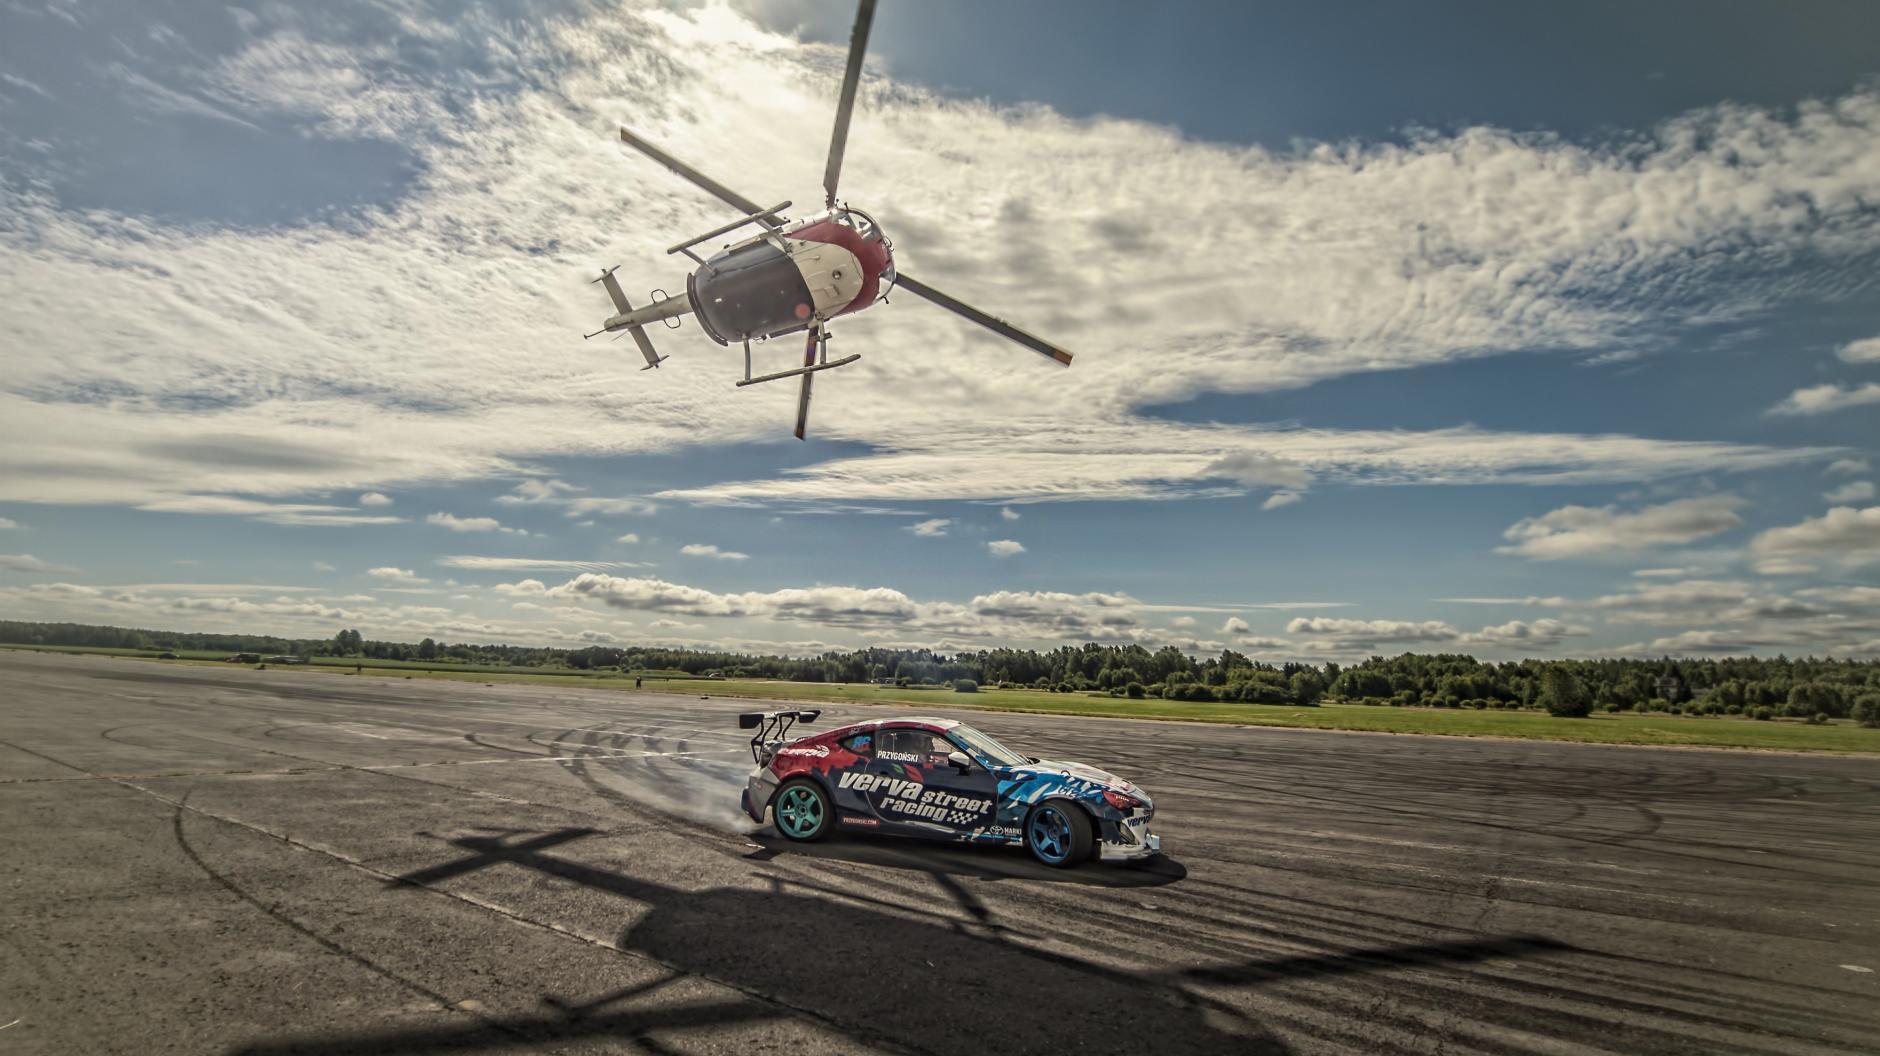 Helicóptero vs. coche de carreras: drifting por tierra y por aire